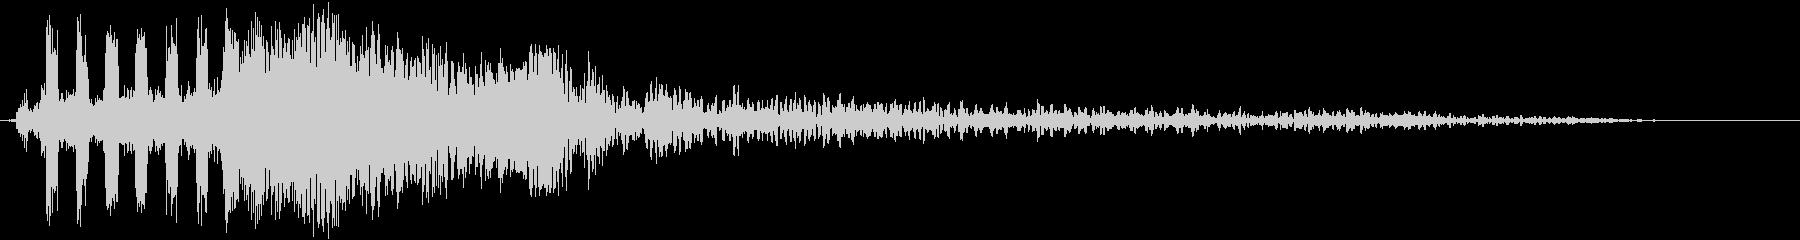 【映画・タイトル】ロゴ画面に合うSEの未再生の波形